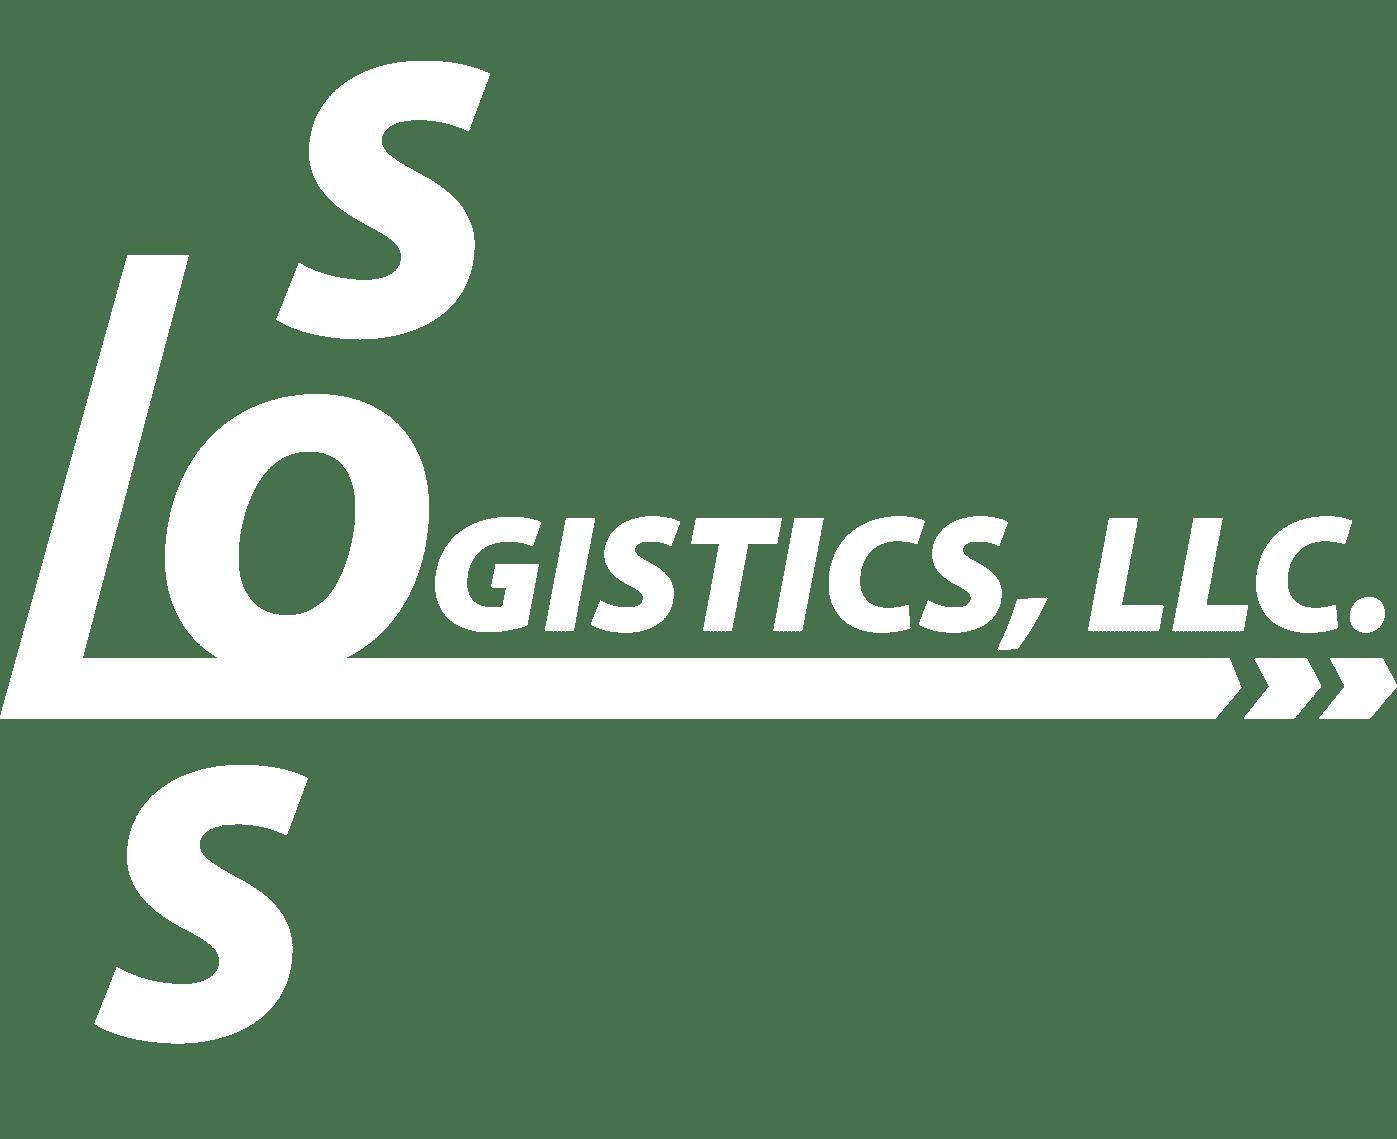 SOS Logistics